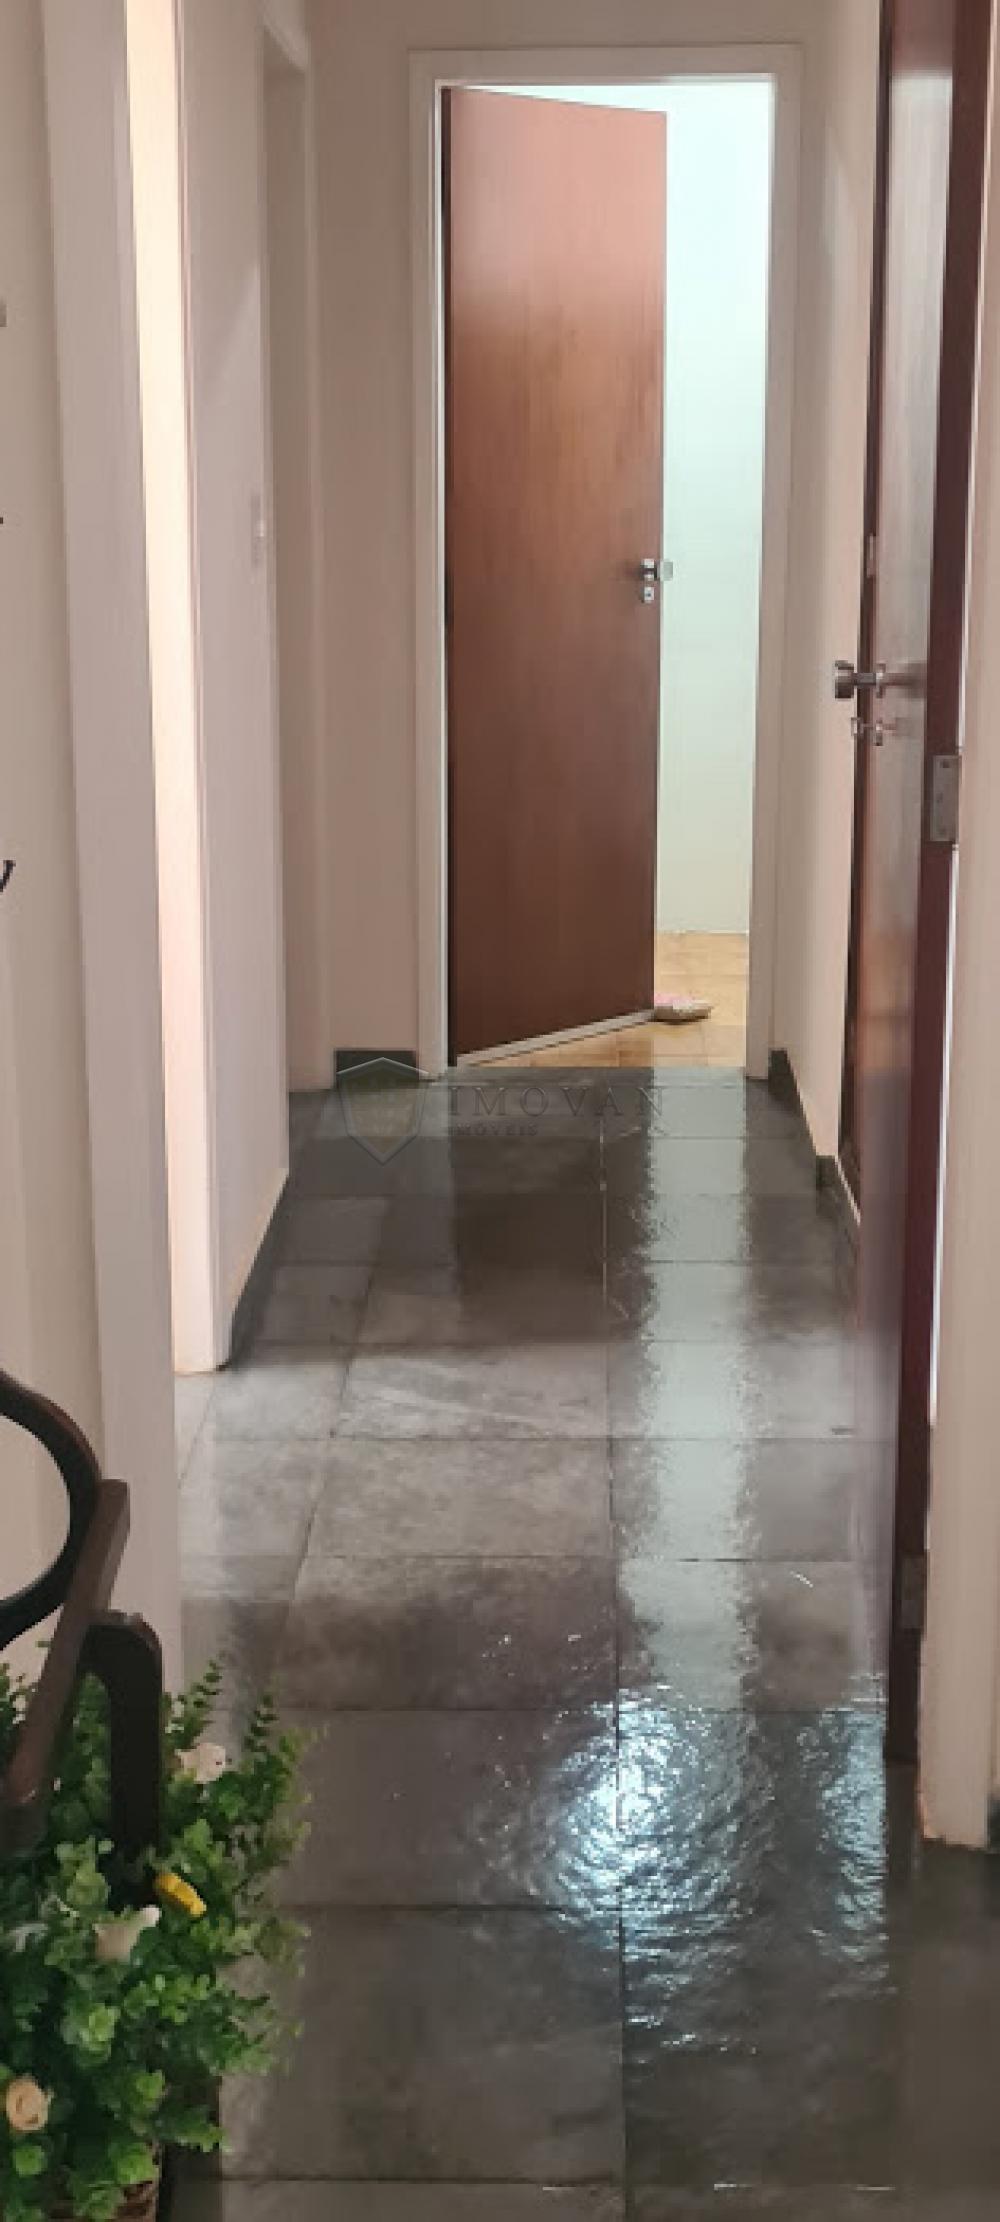 Comprar Apartamento / Padrão em Ribeirão Preto apenas R$ 310.000,00 - Foto 7